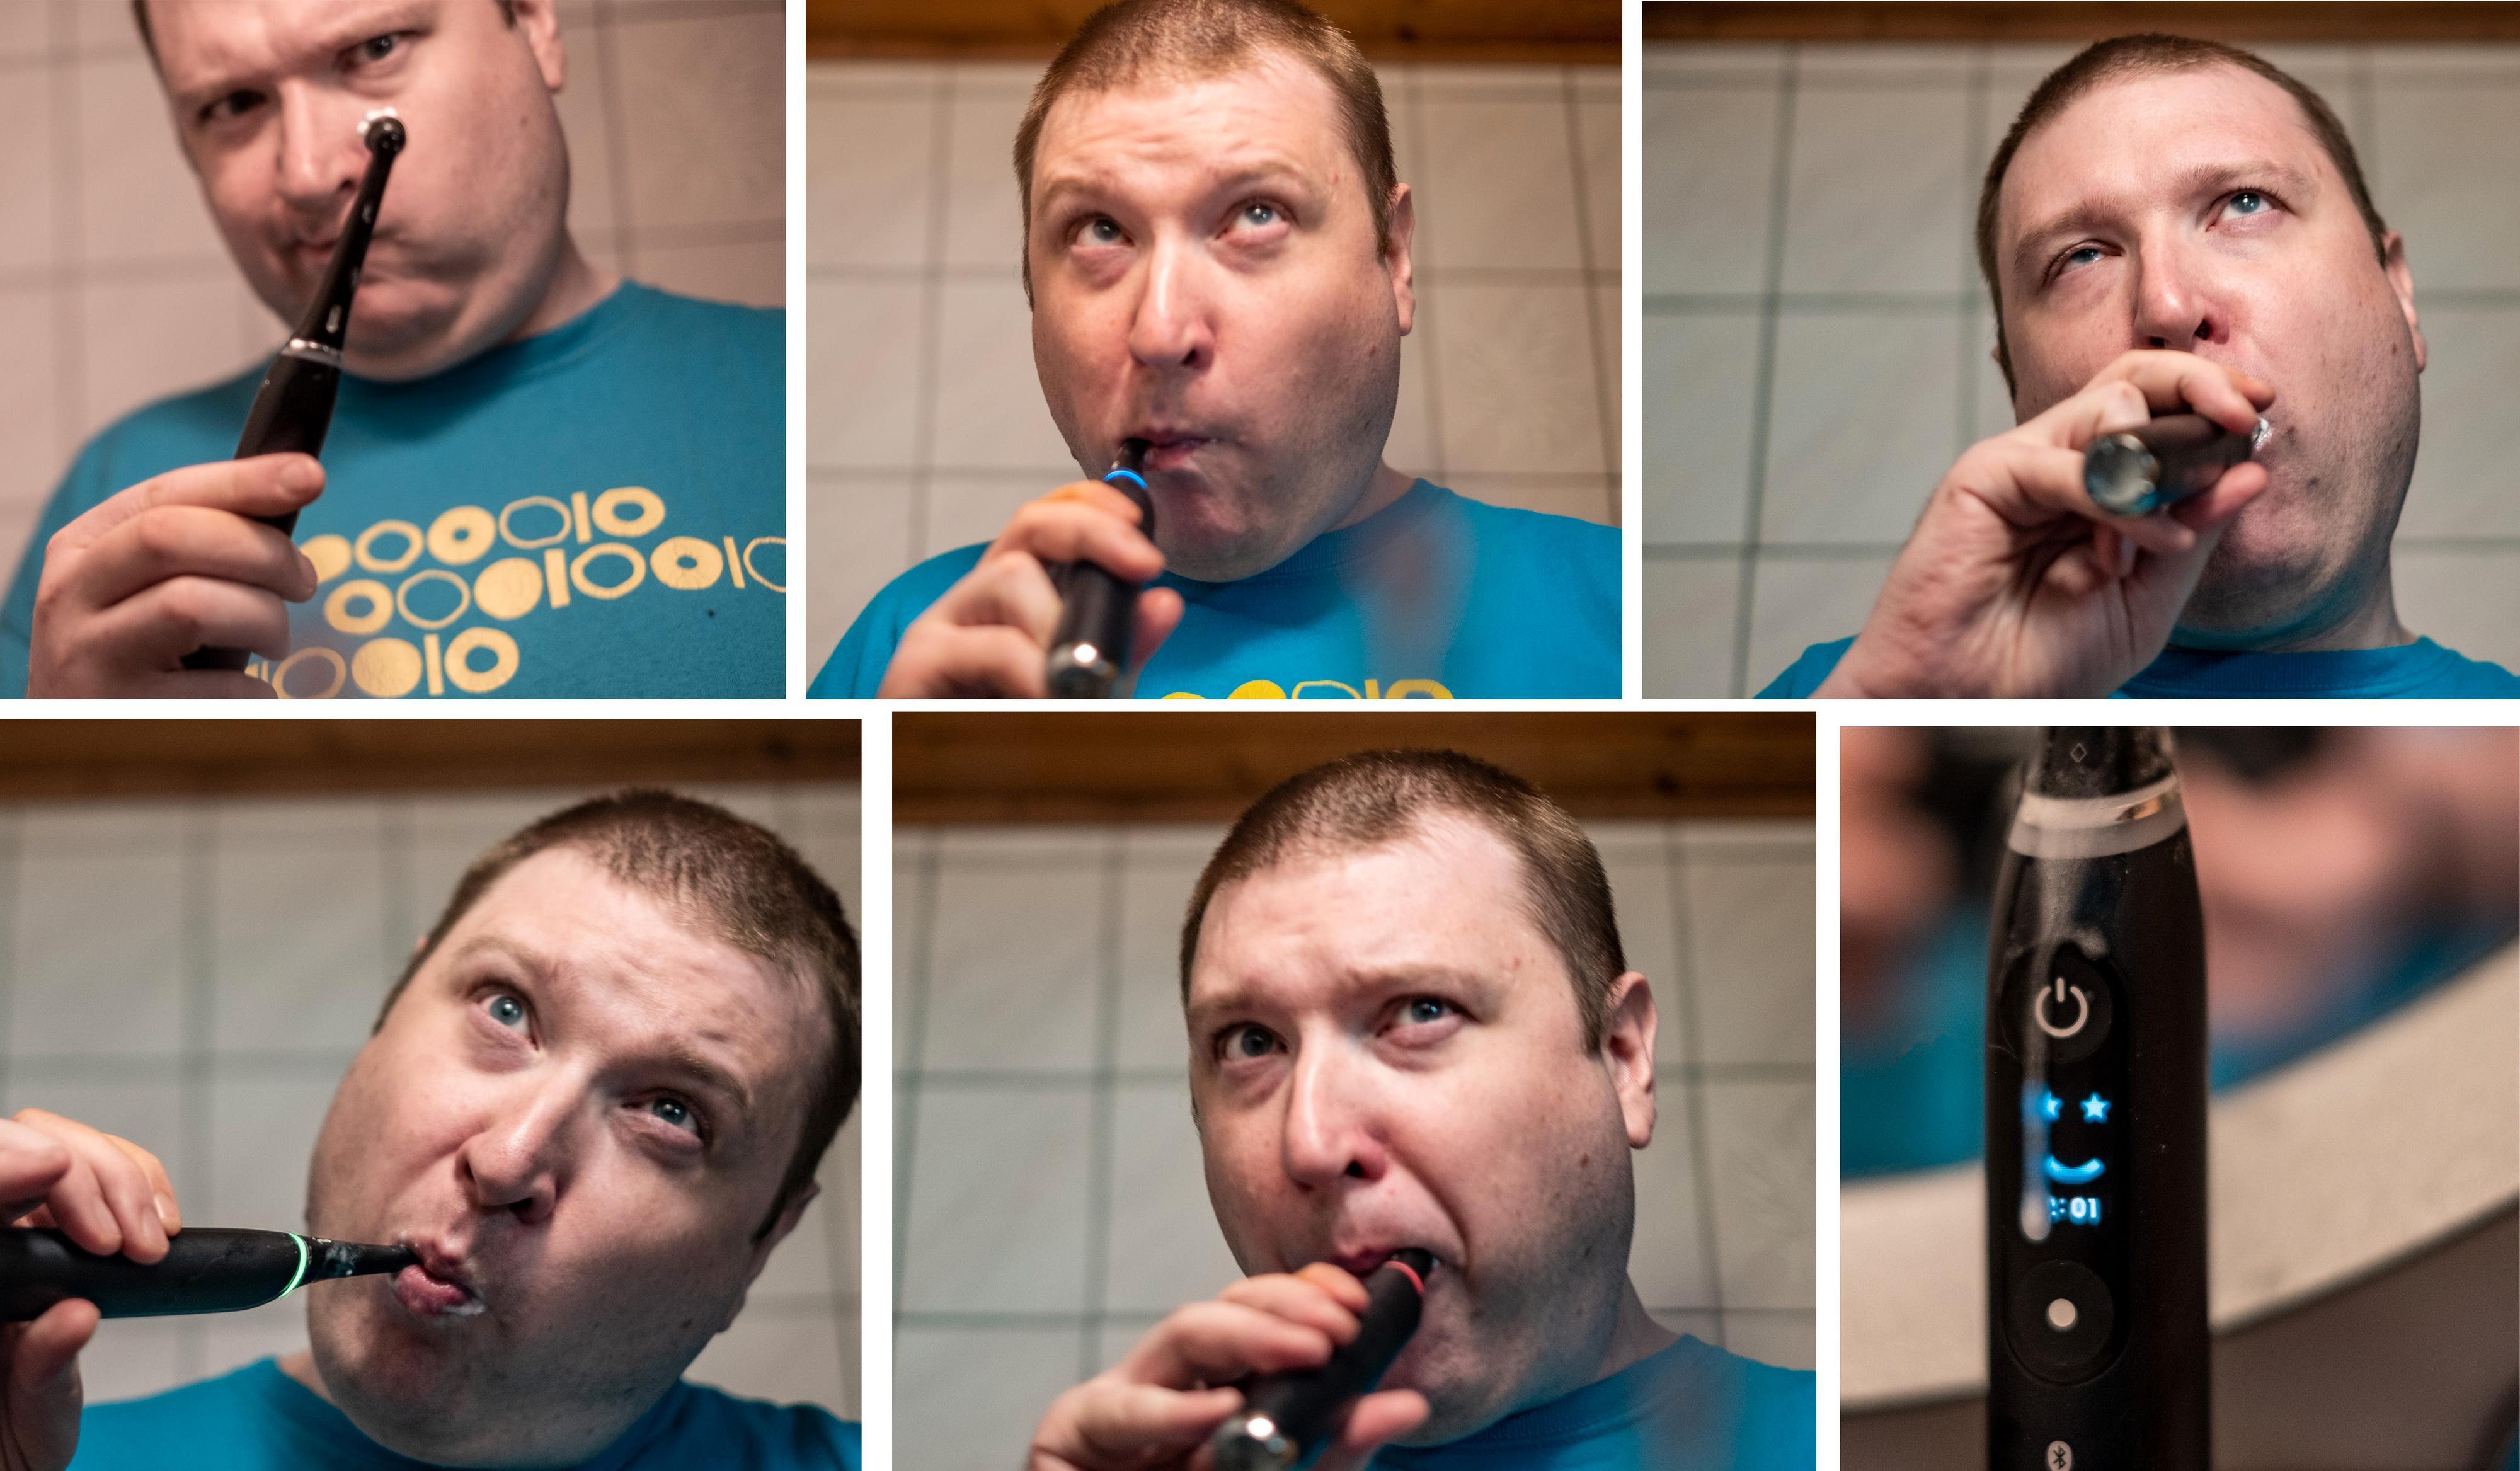 Oral B iO er en fabelaktig tannbørste å pusse med - det burde den også være, med en prislapp på mellom 2300 og 3500 kroner, avhengig av modell. Den testede modellen er toppmodellen med litt flere moduser enn rimeligste utgave - og mulighet til å vite akkurat hvor den er i munnen når du pusser.